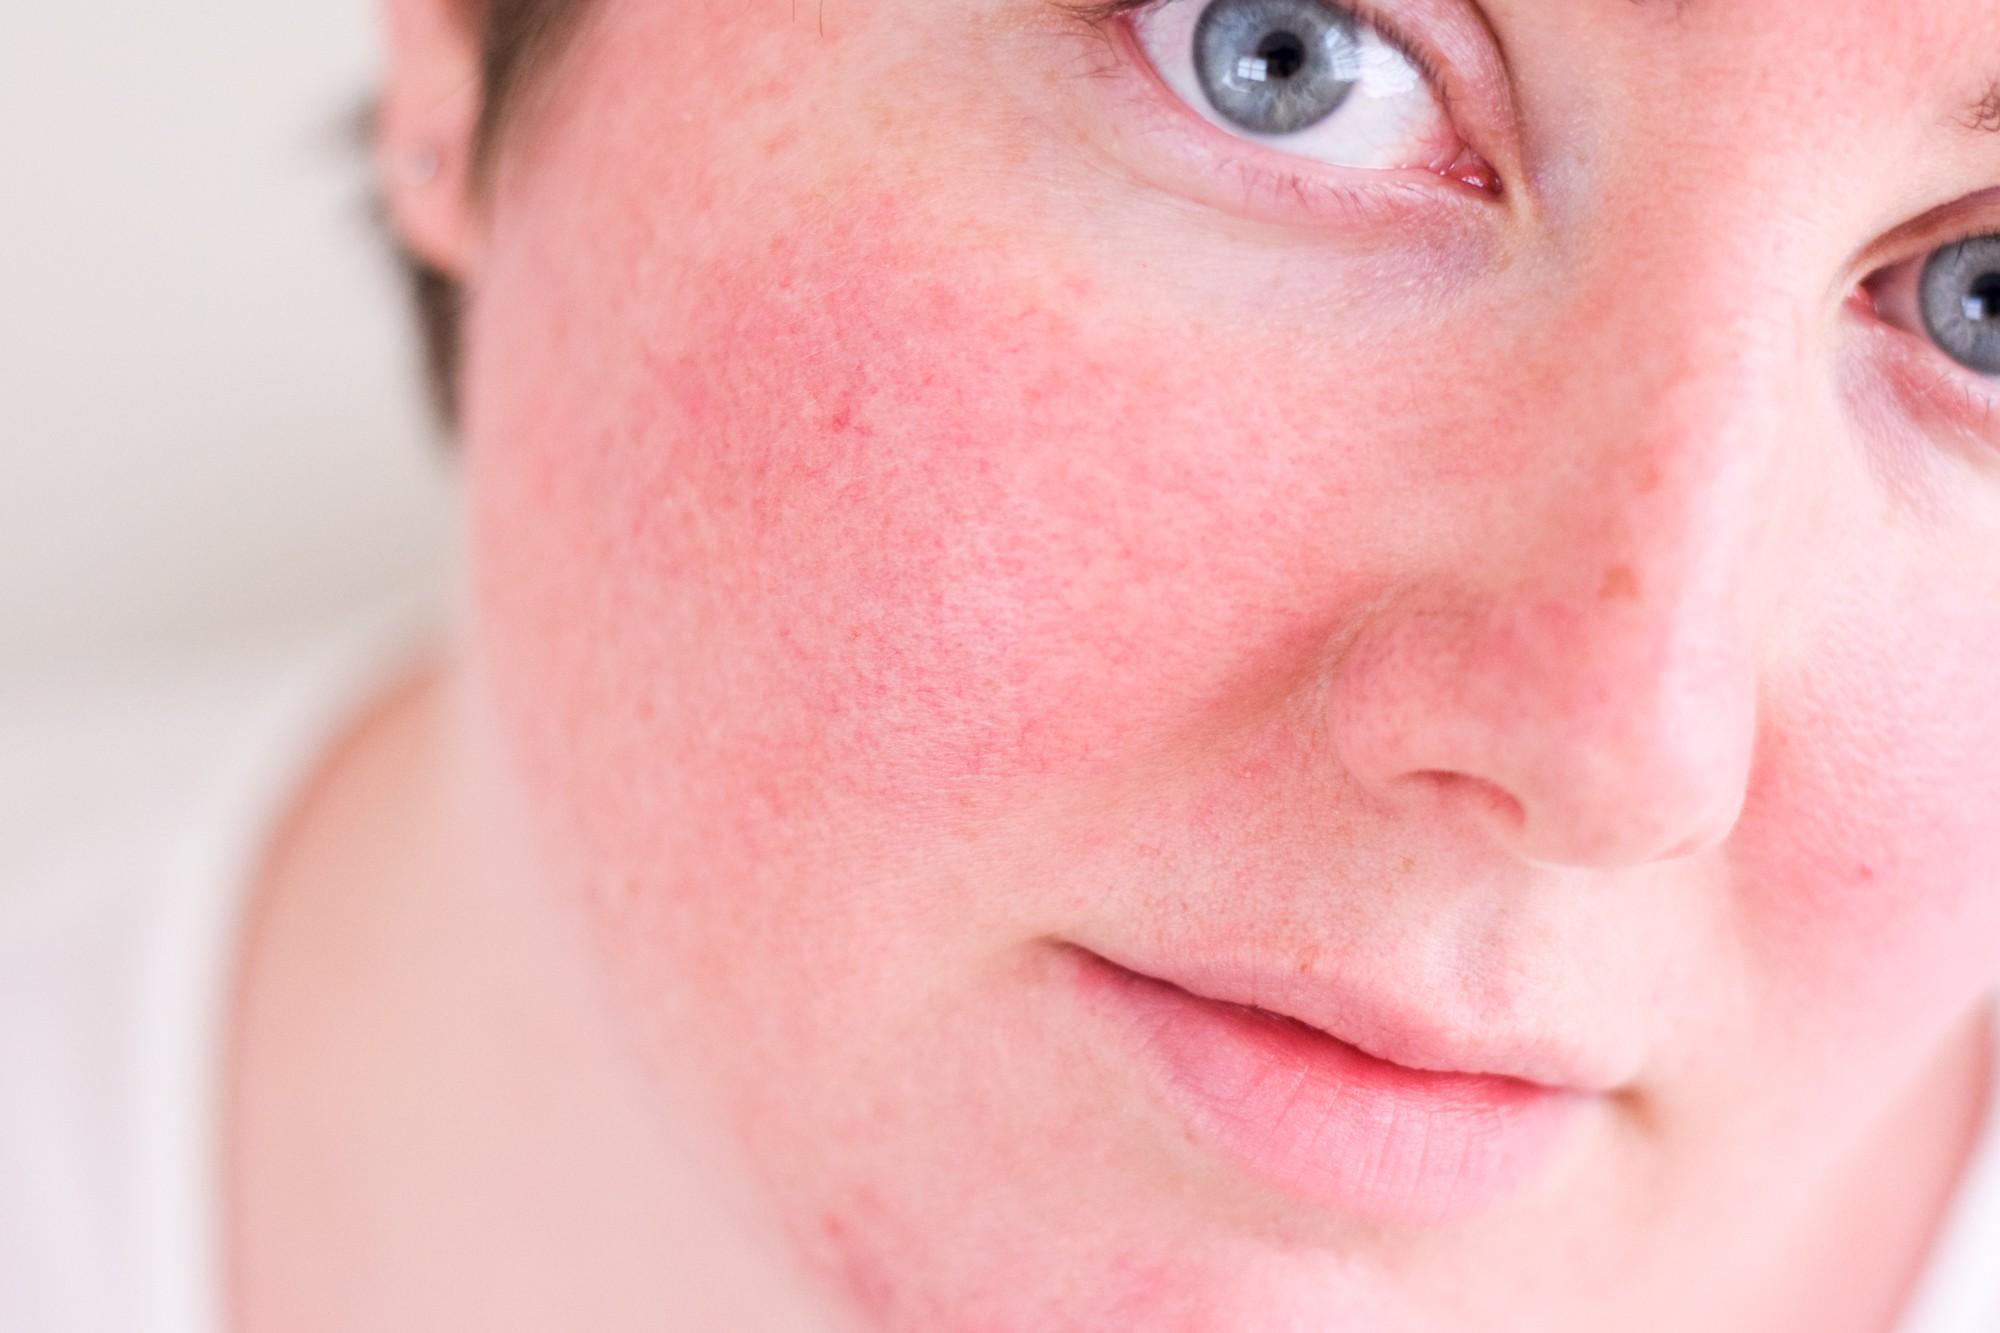 Nếu xuất hiện 1 trong 7 dấu hiệu này, bạn nên dừng sản phẩm chăm sóc da đang dùng ngay lập tức - Ảnh 1.